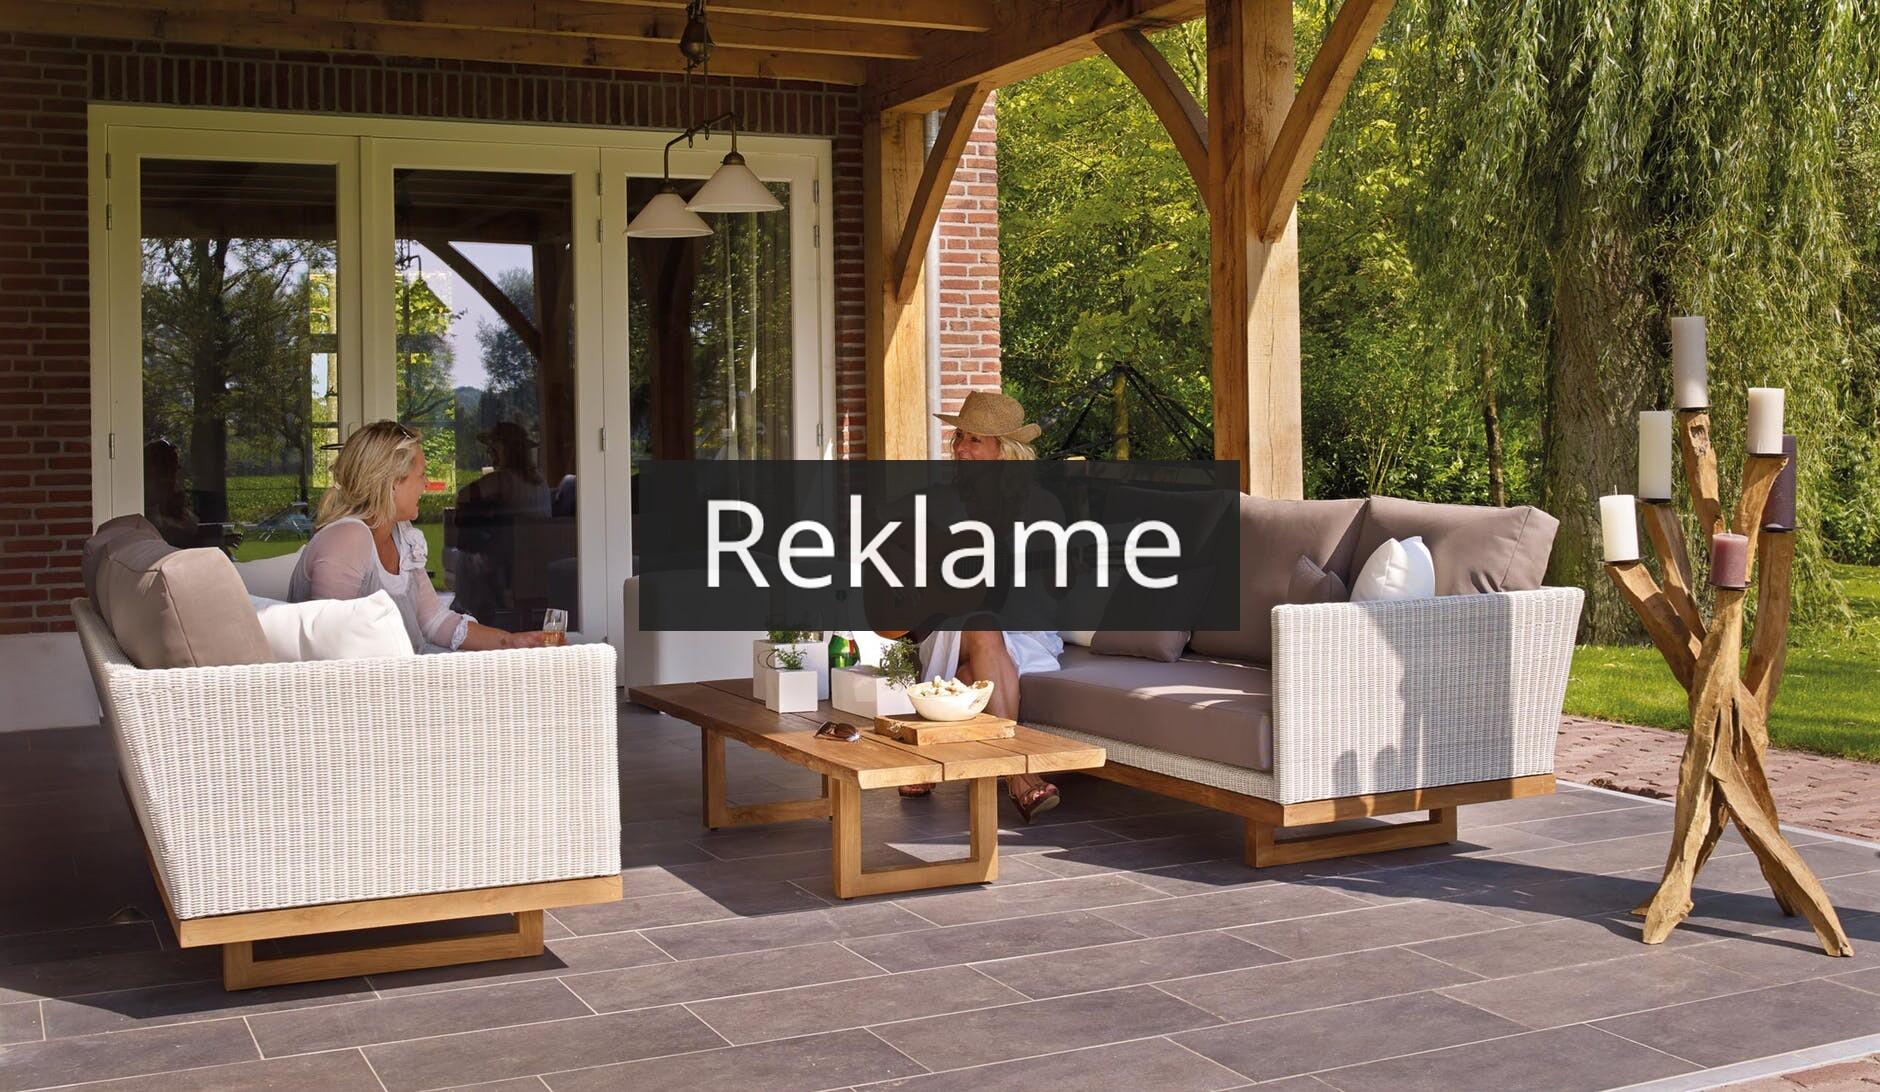 Pift din terrasse op og gør den hyggelig